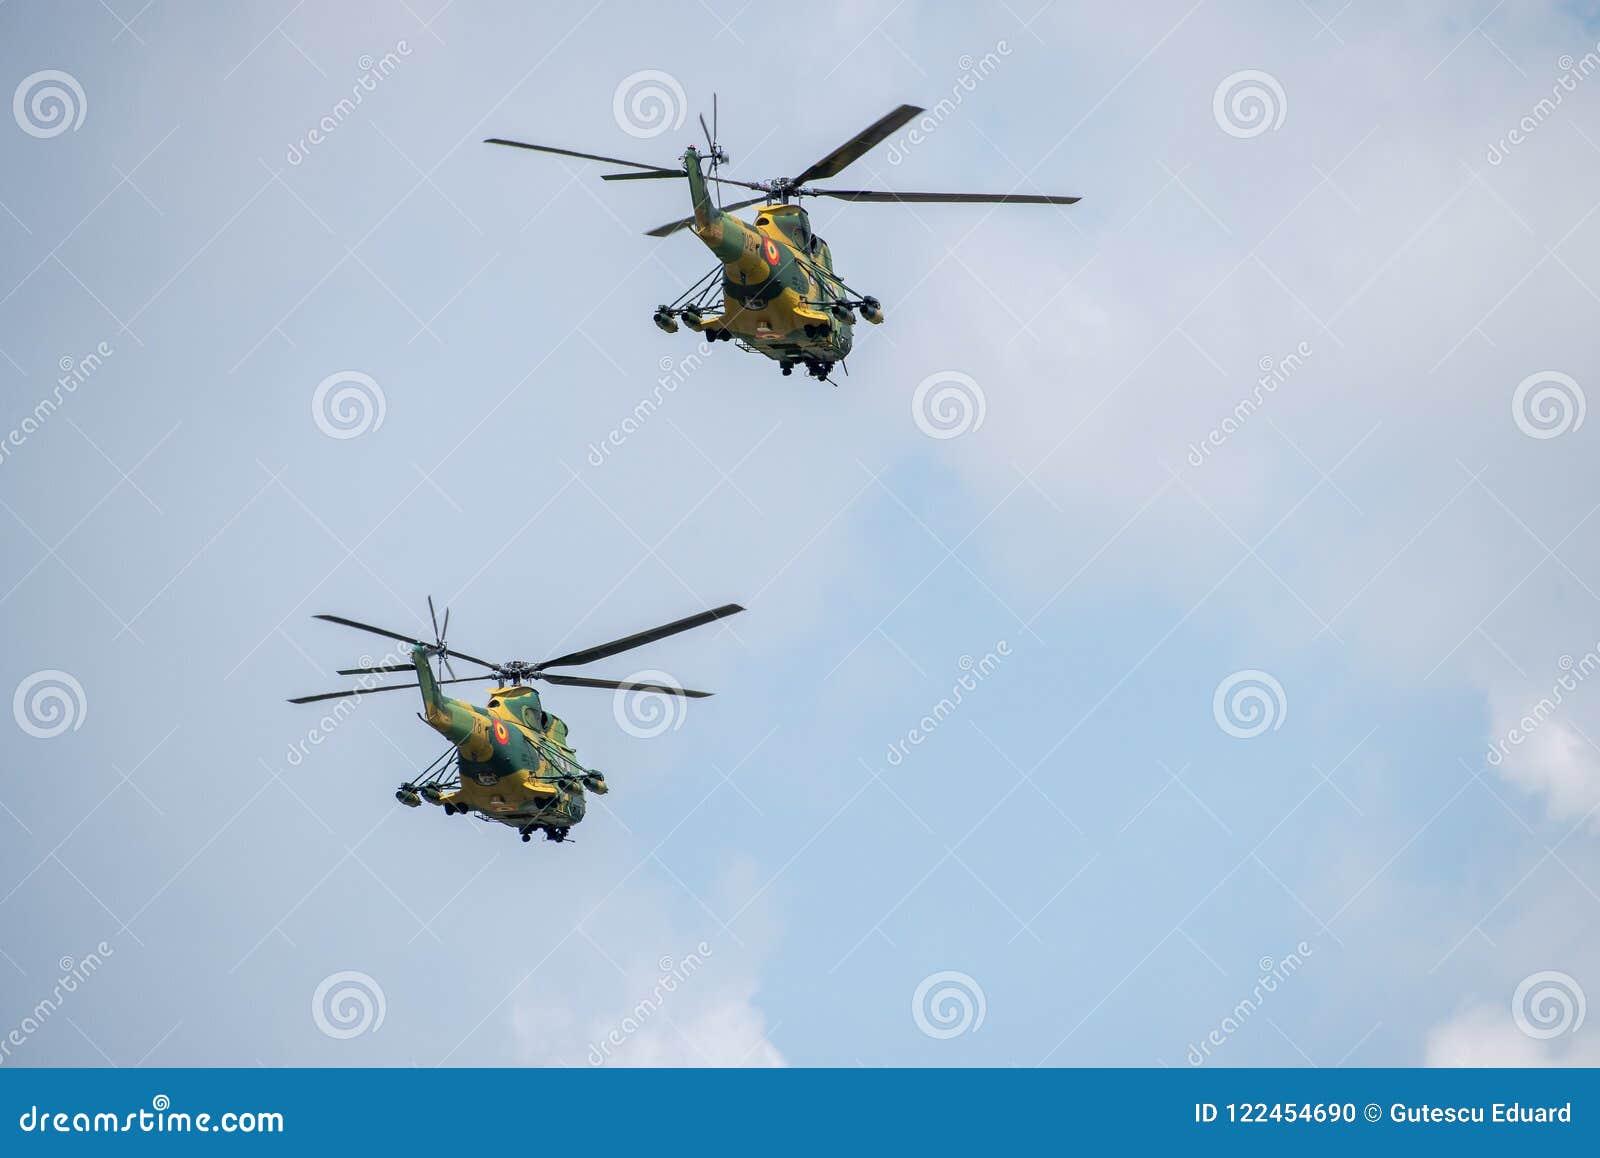 BIAS toont de internationale lucht van Boekarest, van de Poemasocat van IAR 330 de Helikopterdemonstratie